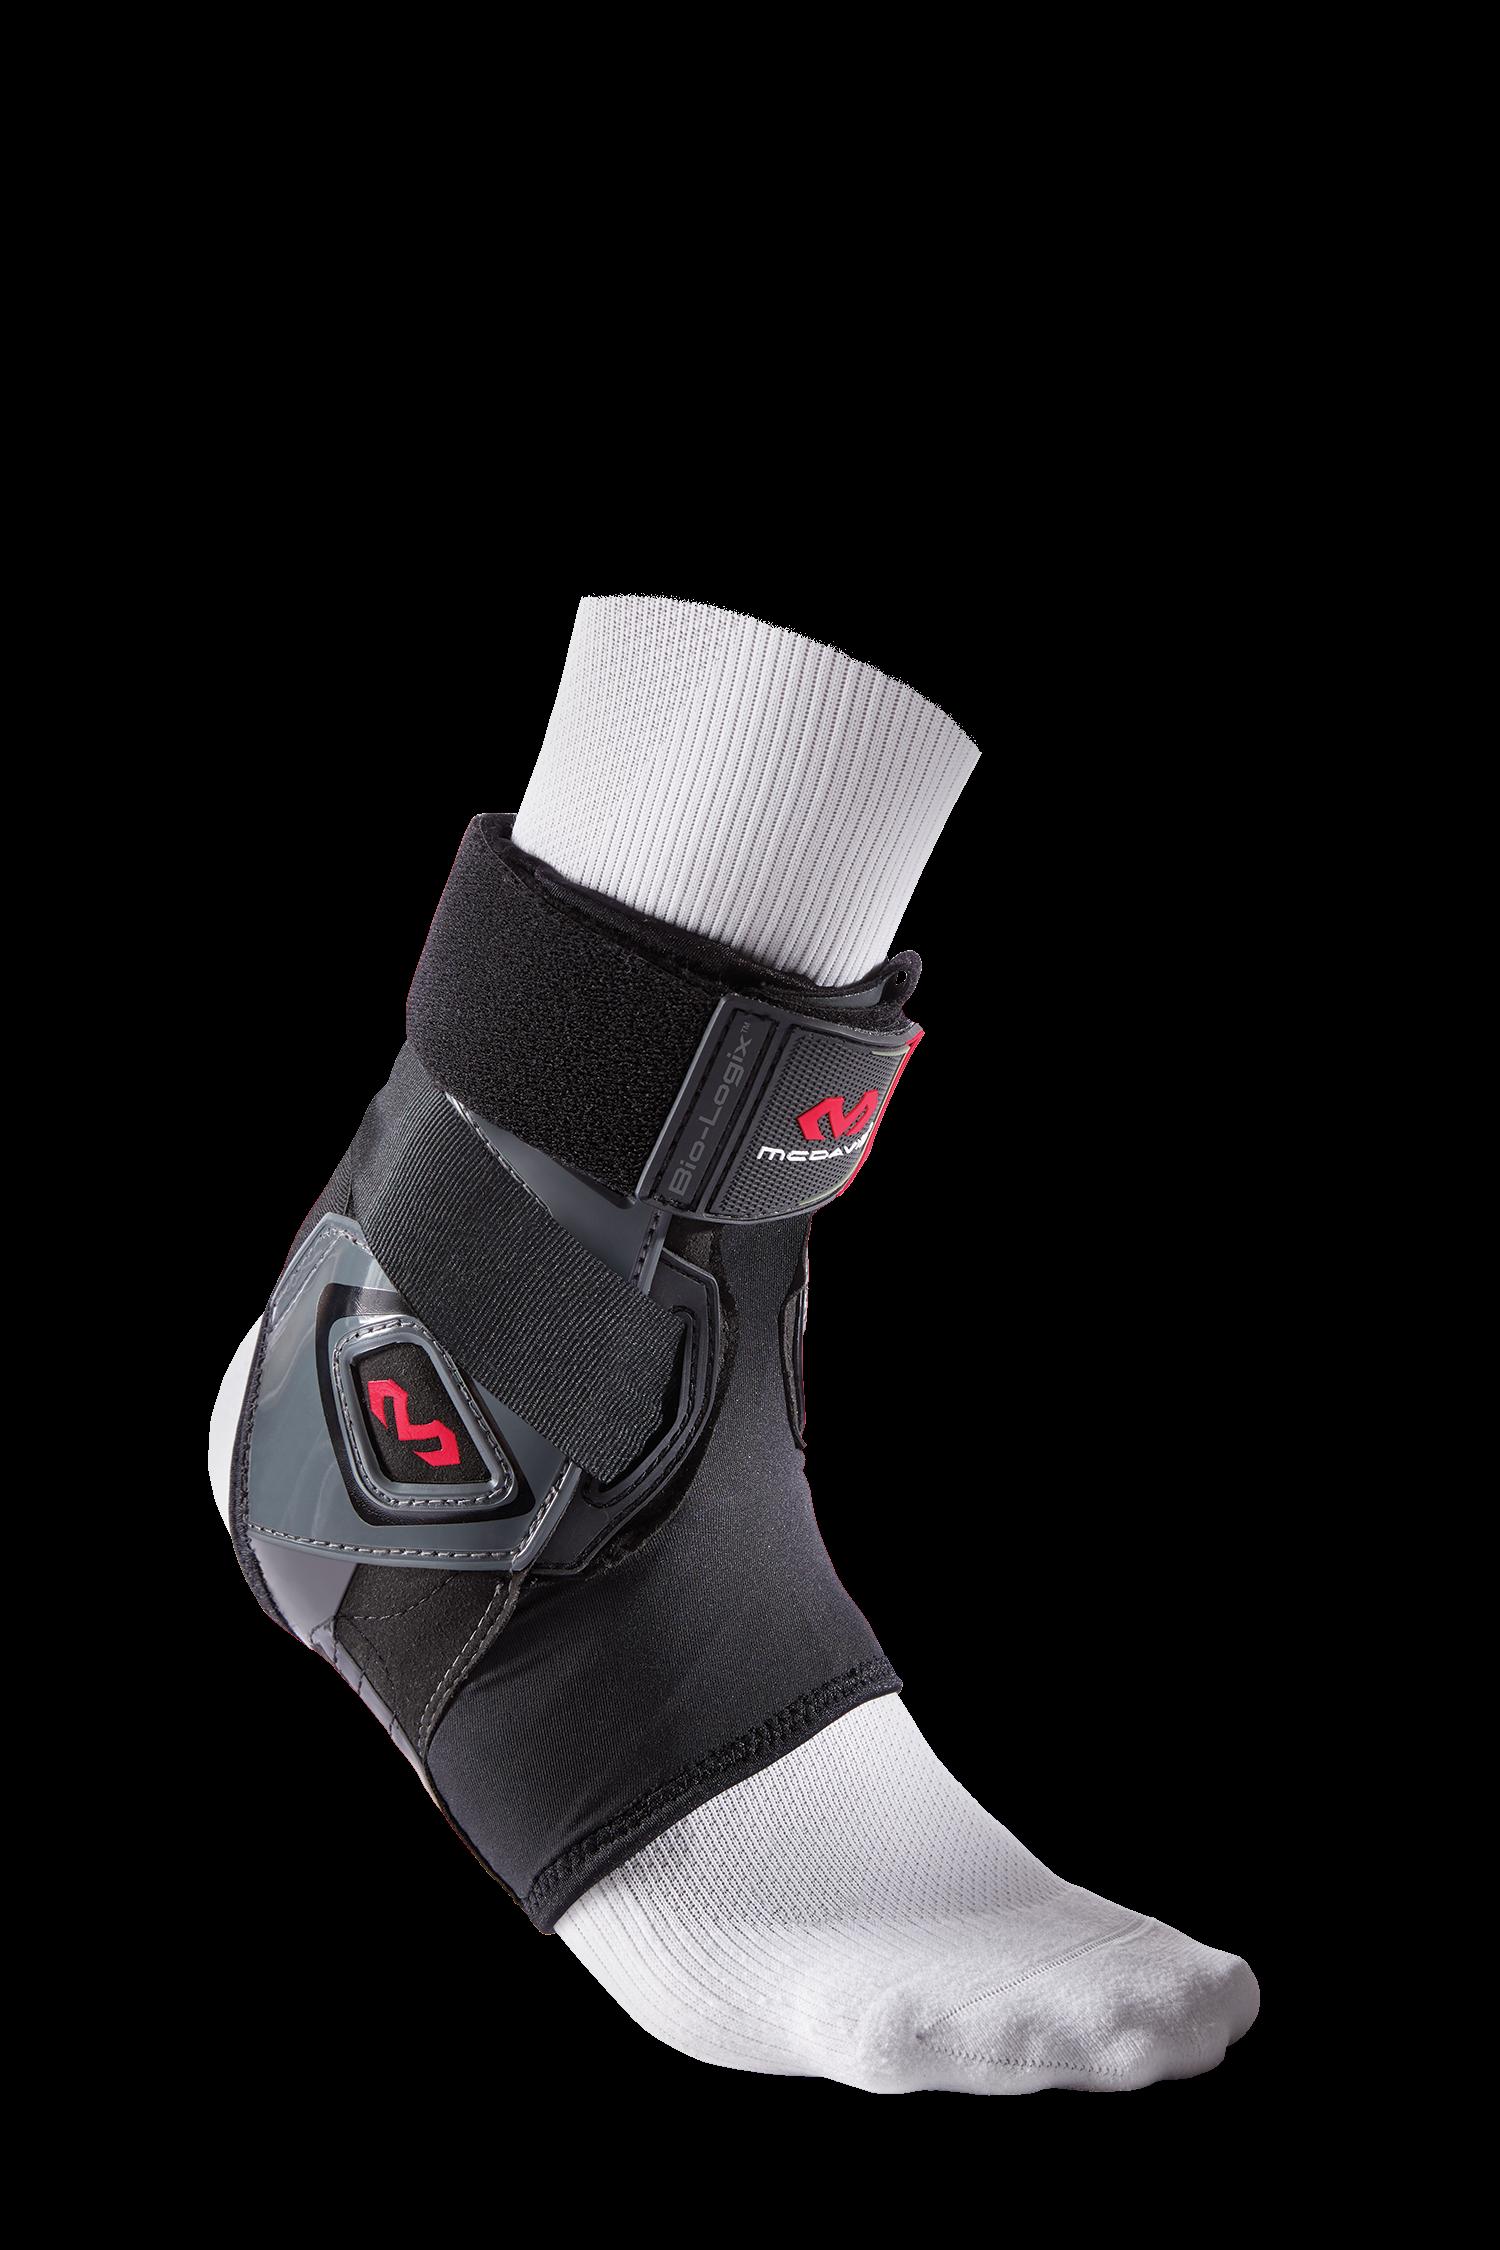 Elite Bio Logix Ankle Brace Ankle Braces Foot Drop Exercises Ankle